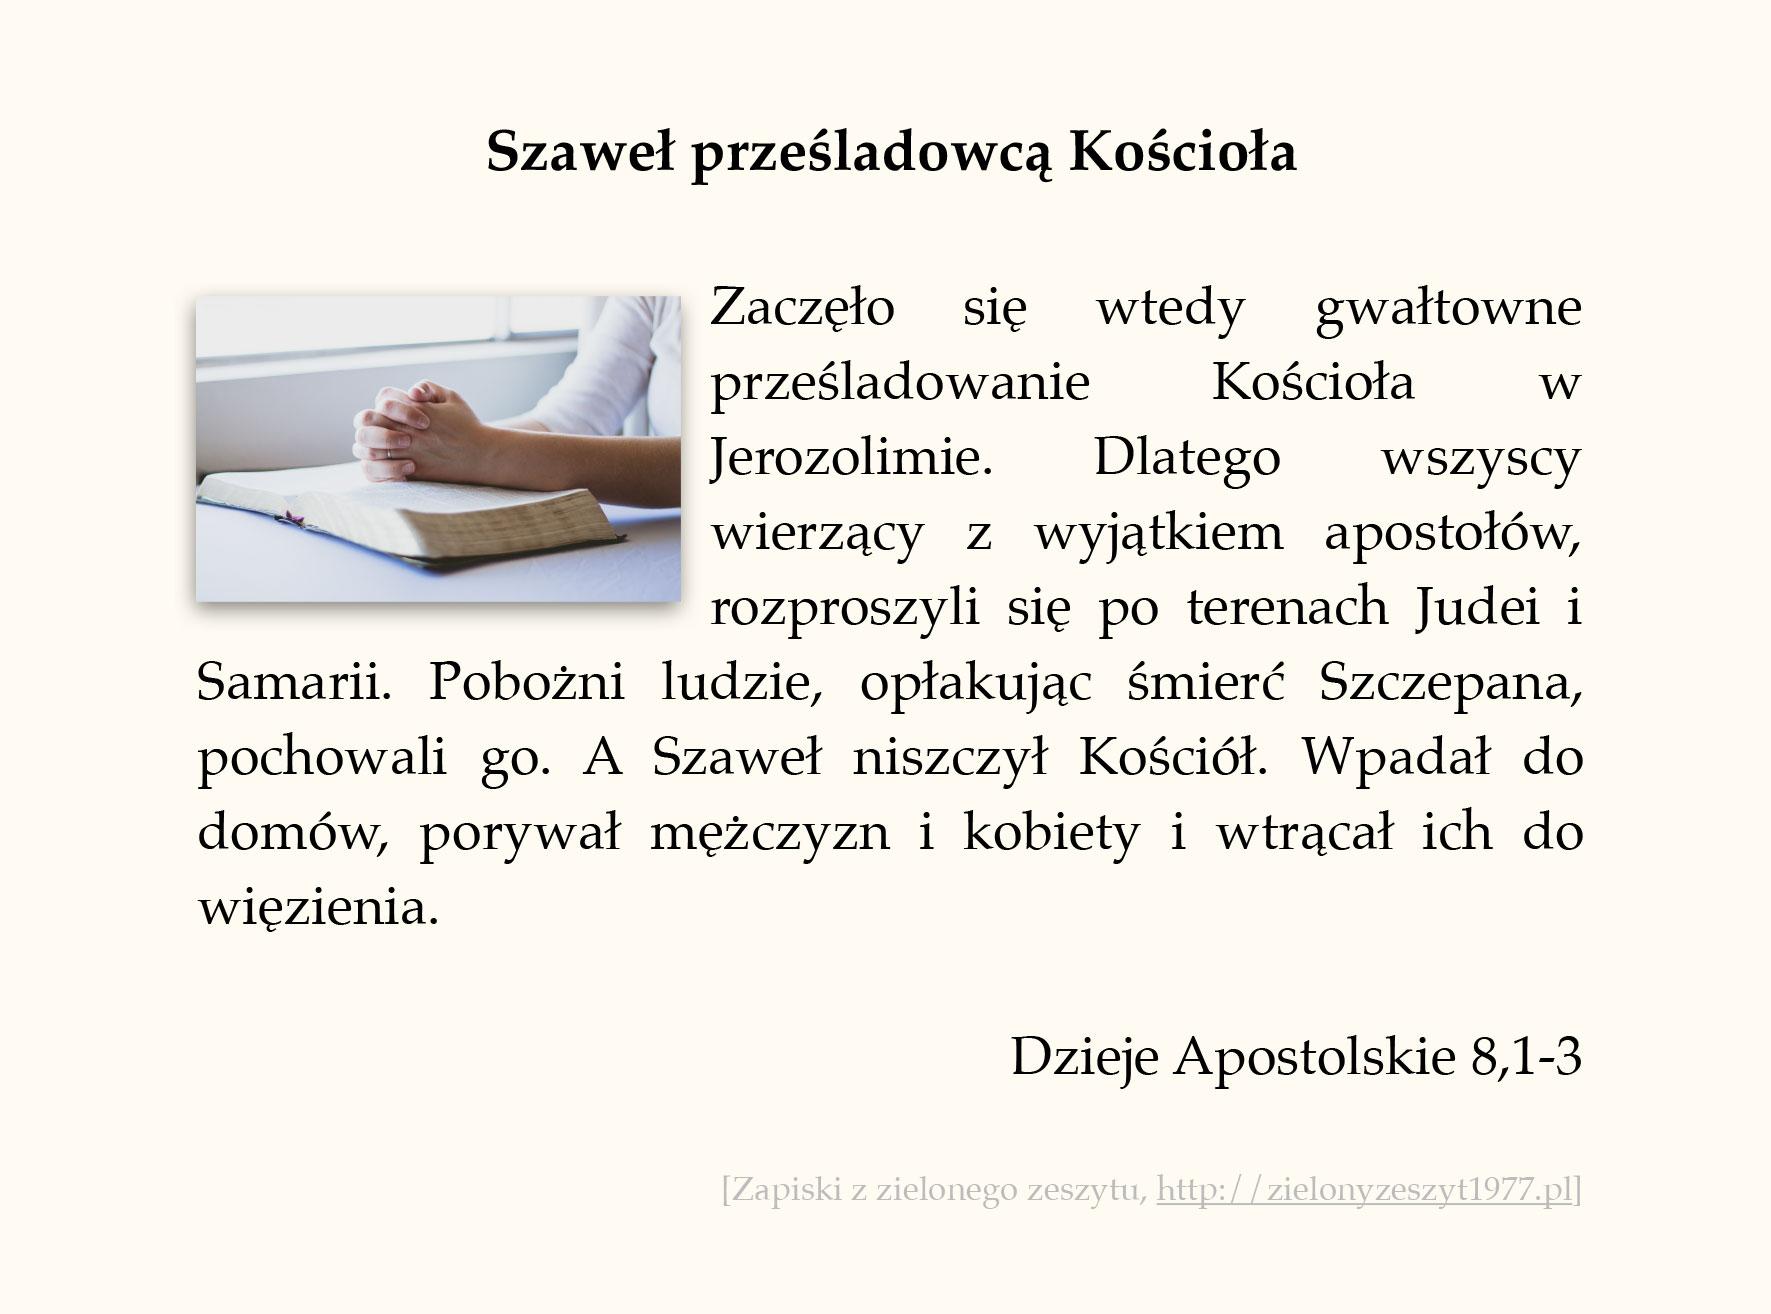 Szaweł prześladowcą Kościoła; Dzieje Apostolskie (#34)